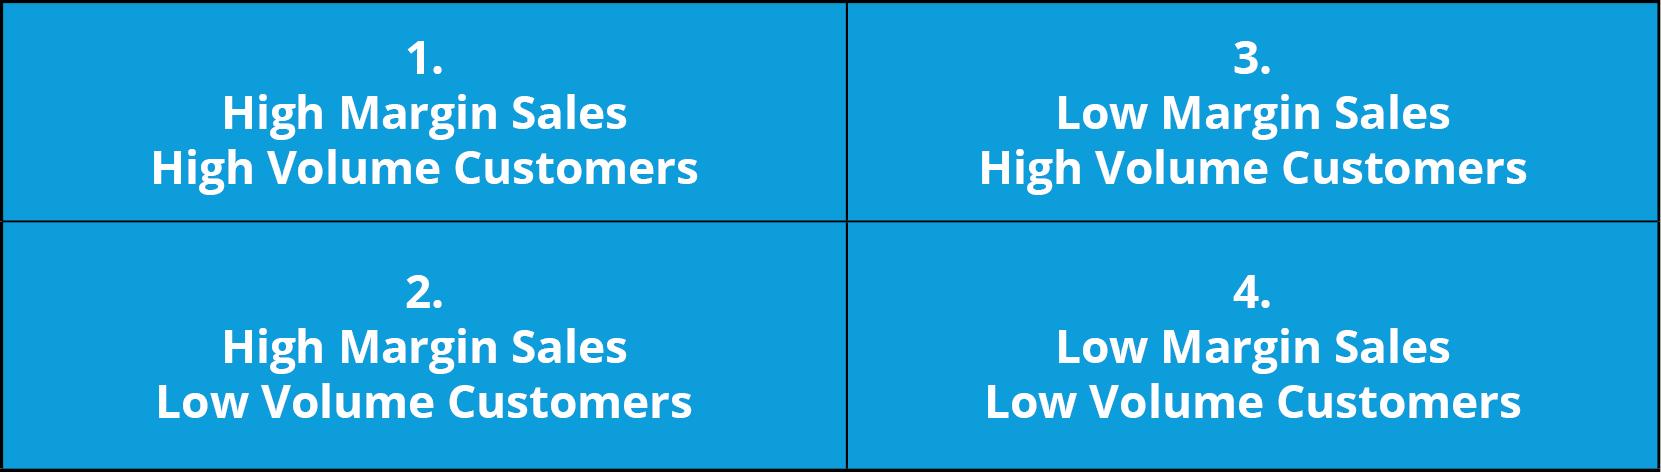 Four Quadrant Matrix